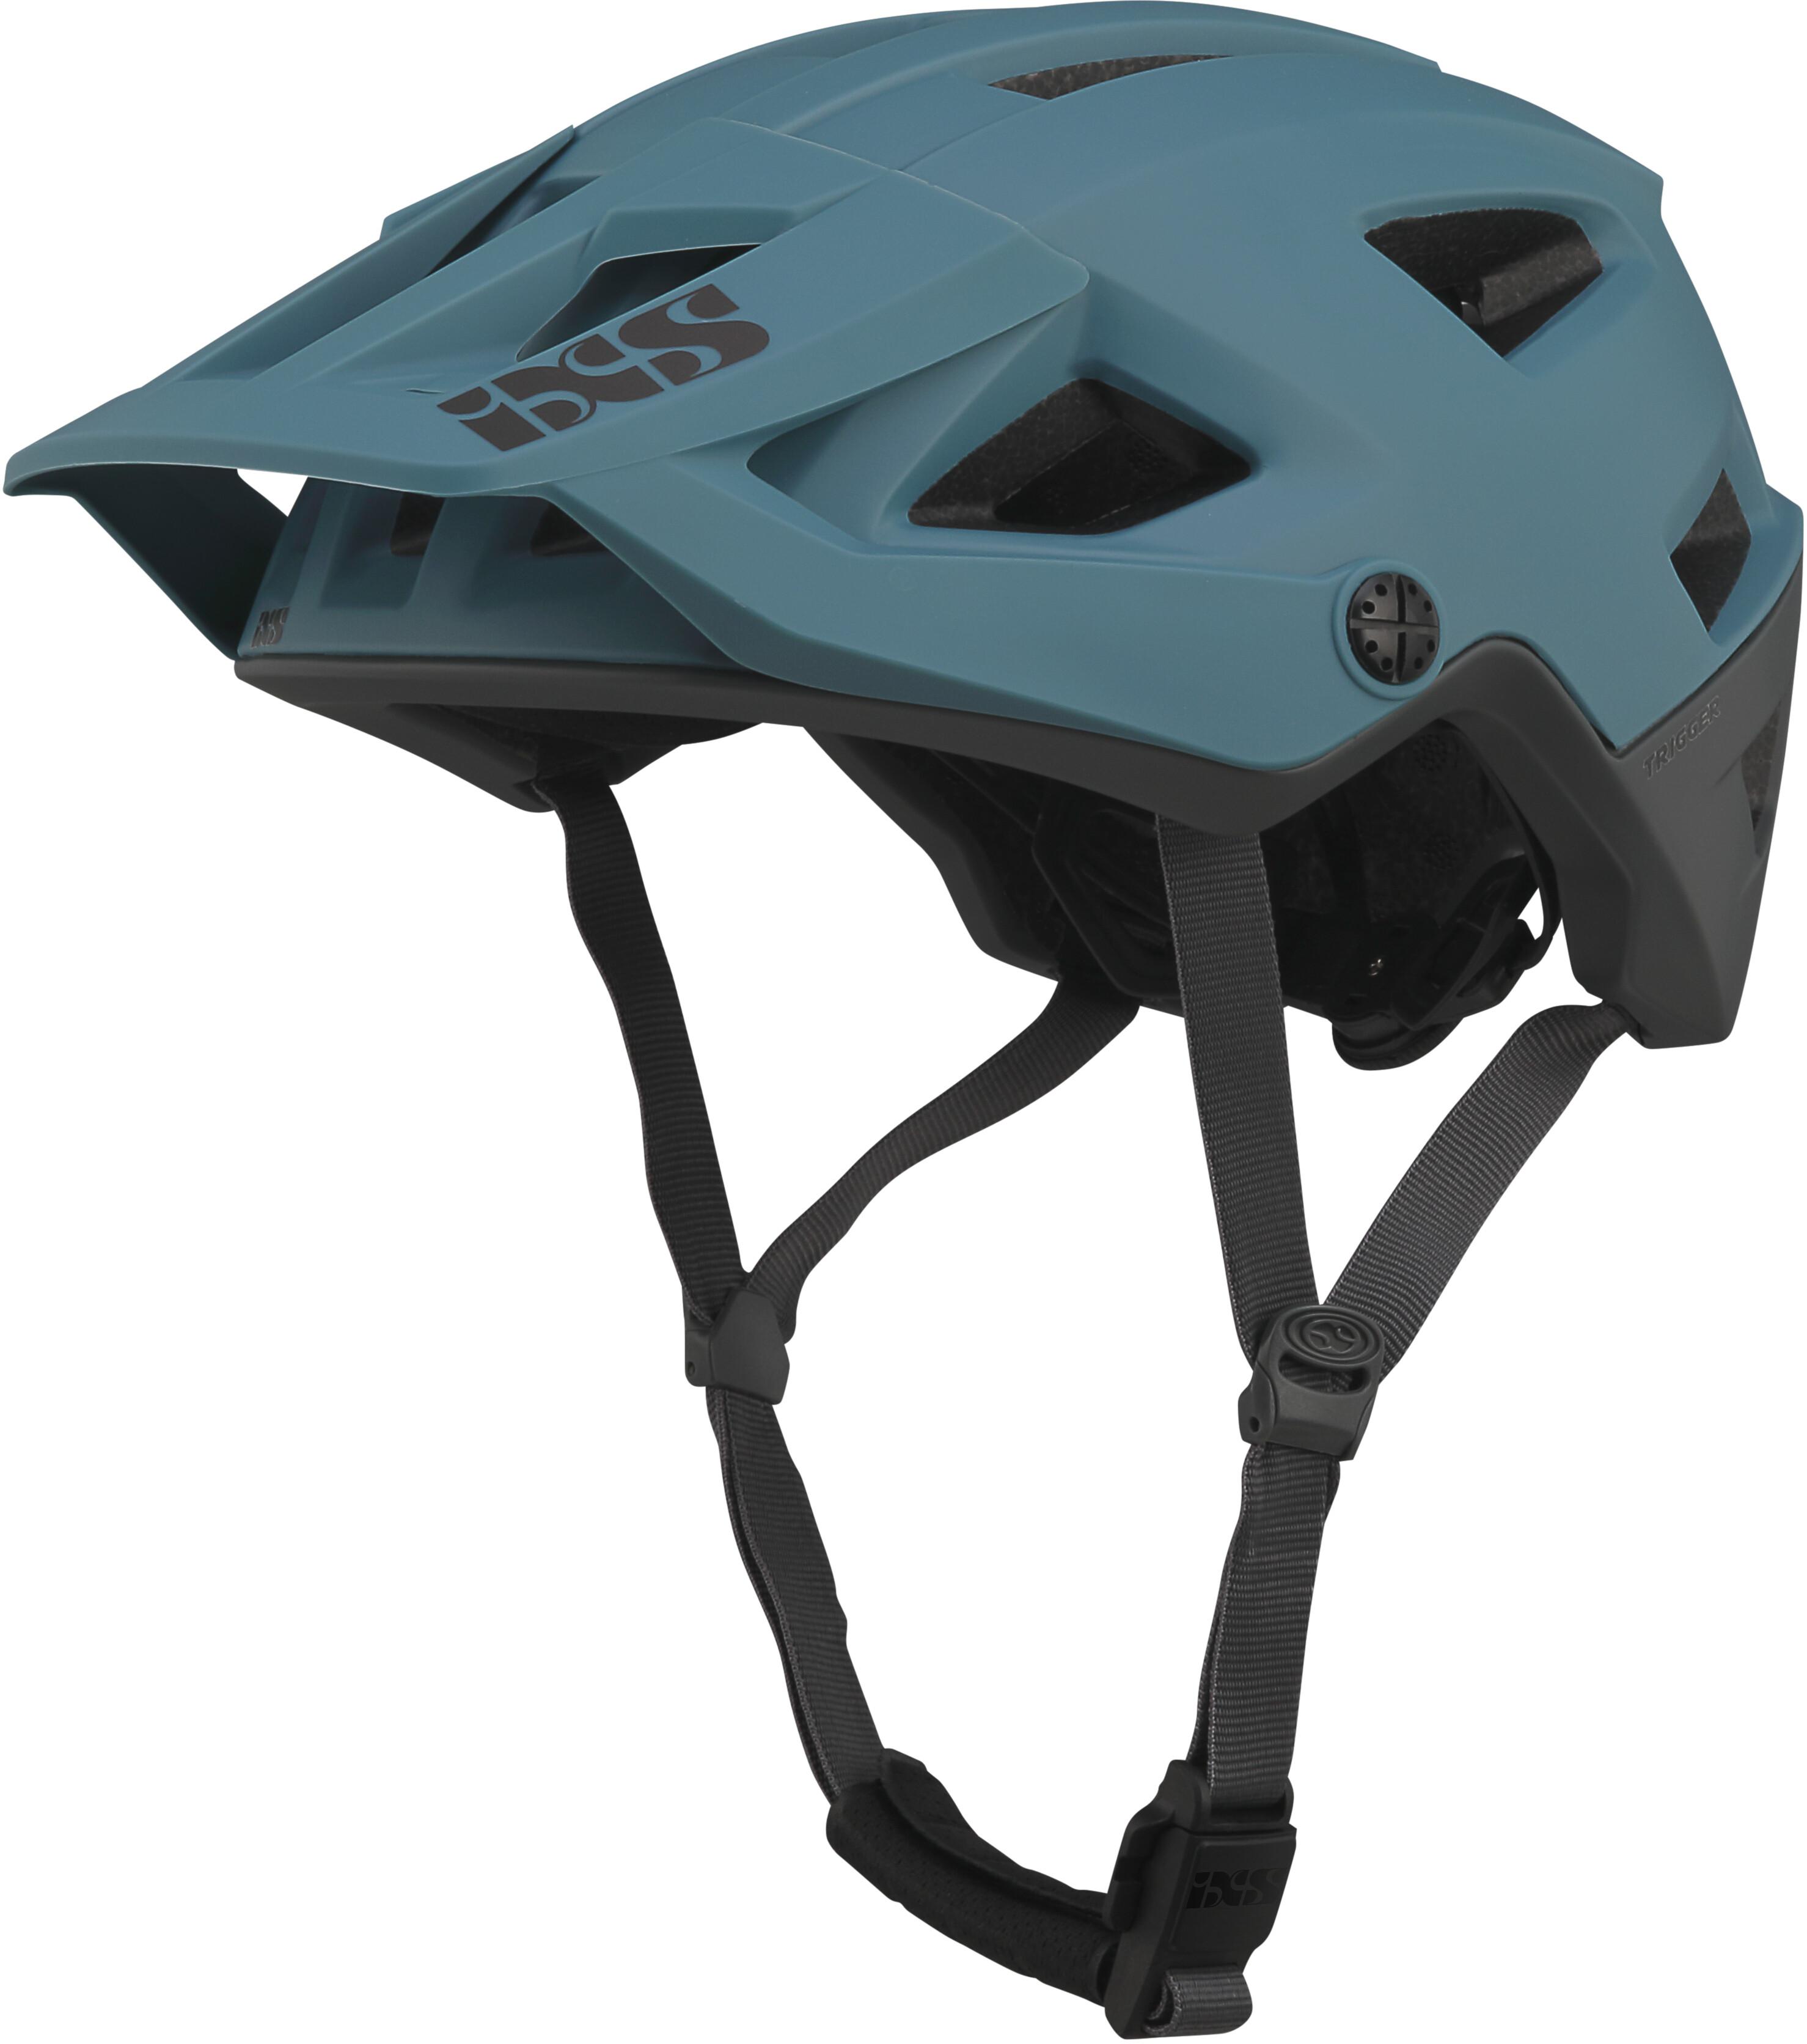 Fahrradhelm Radhelm Herren Damen Erwachsene MTB Rennrad Schutzhelm Brille Helmet